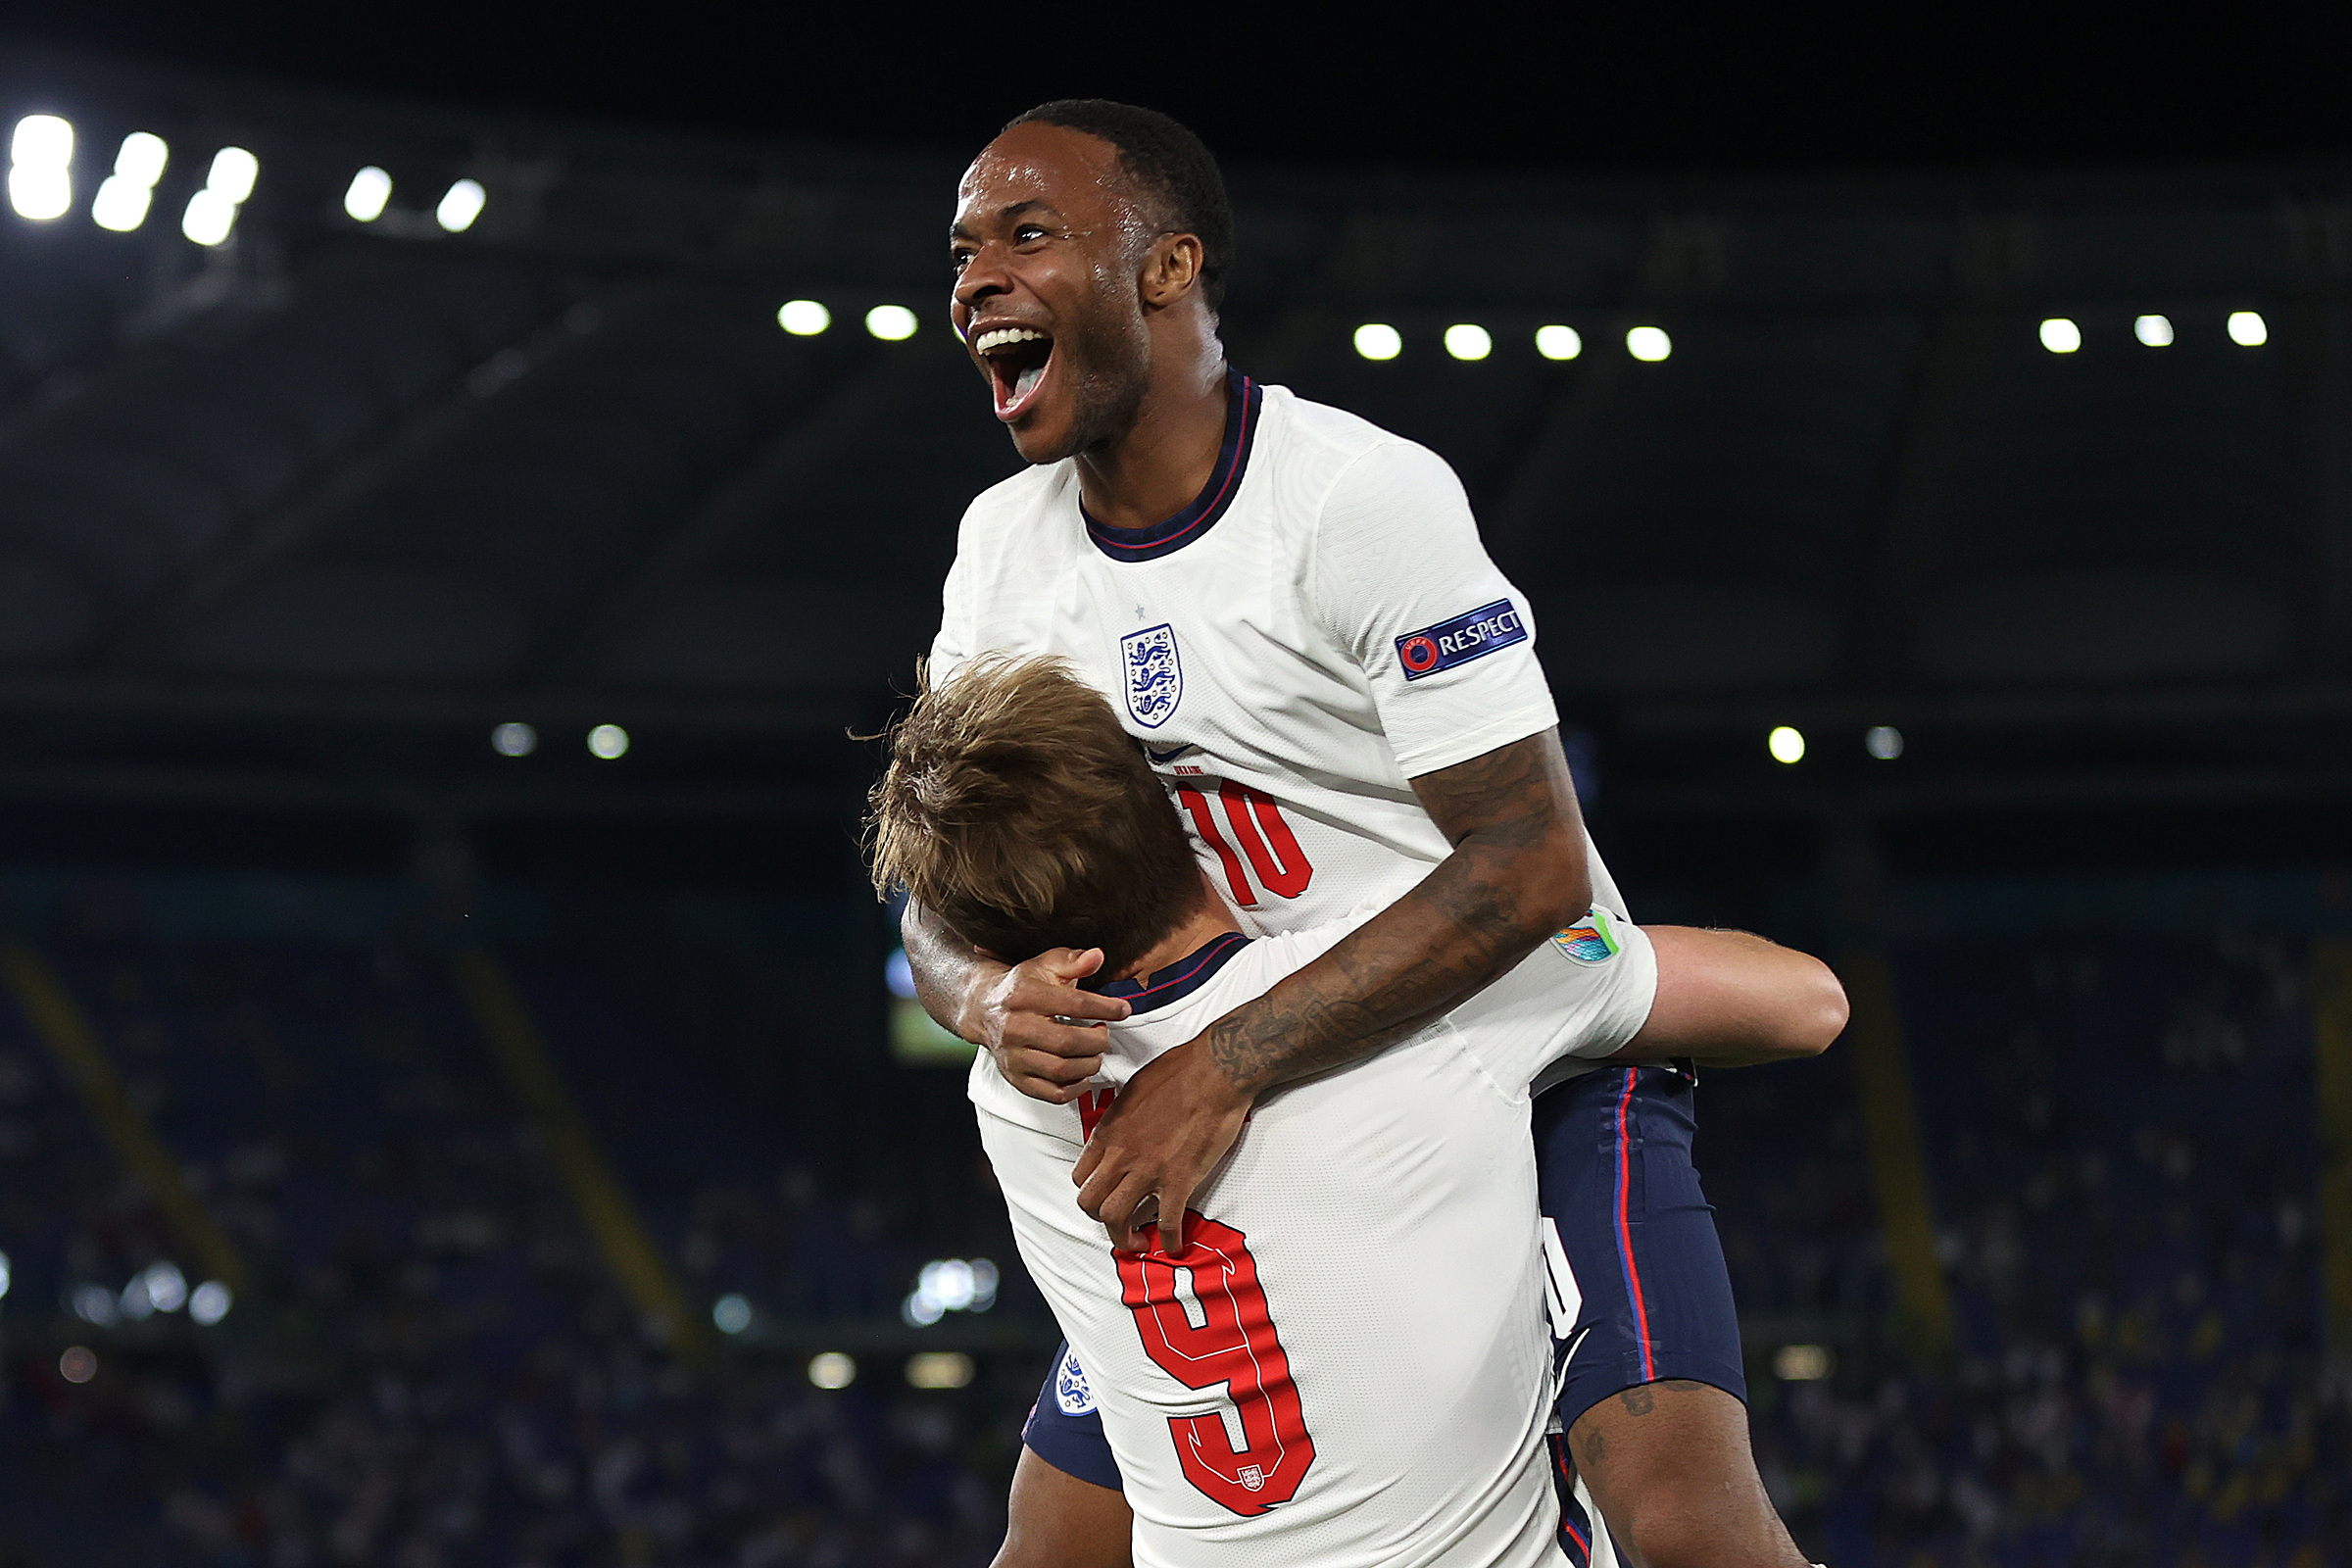 Sterling mengucapkan selamat kepada Kane setelah membantu pemain nomor 9 Inggris membuka skor melawan Ukraina 4-0 di Stadion Olimpico, Roma, Italia pada 3 Juli.  Foto: Twitter / Inggris